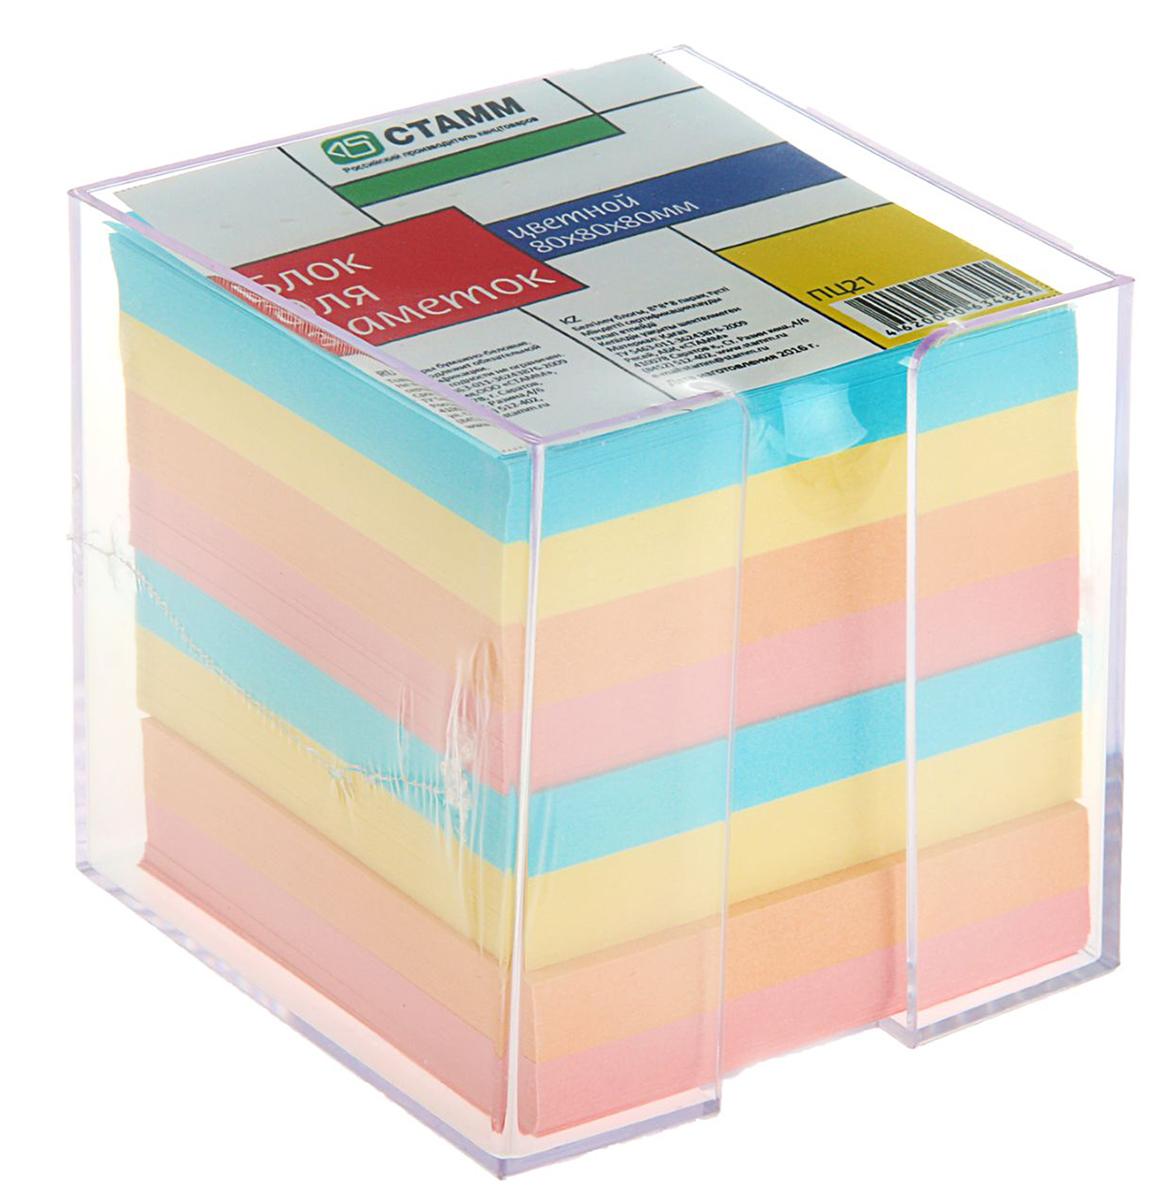 Стамм Блок для записей 8 x 8 см блок бумаги д записей np fg 0009